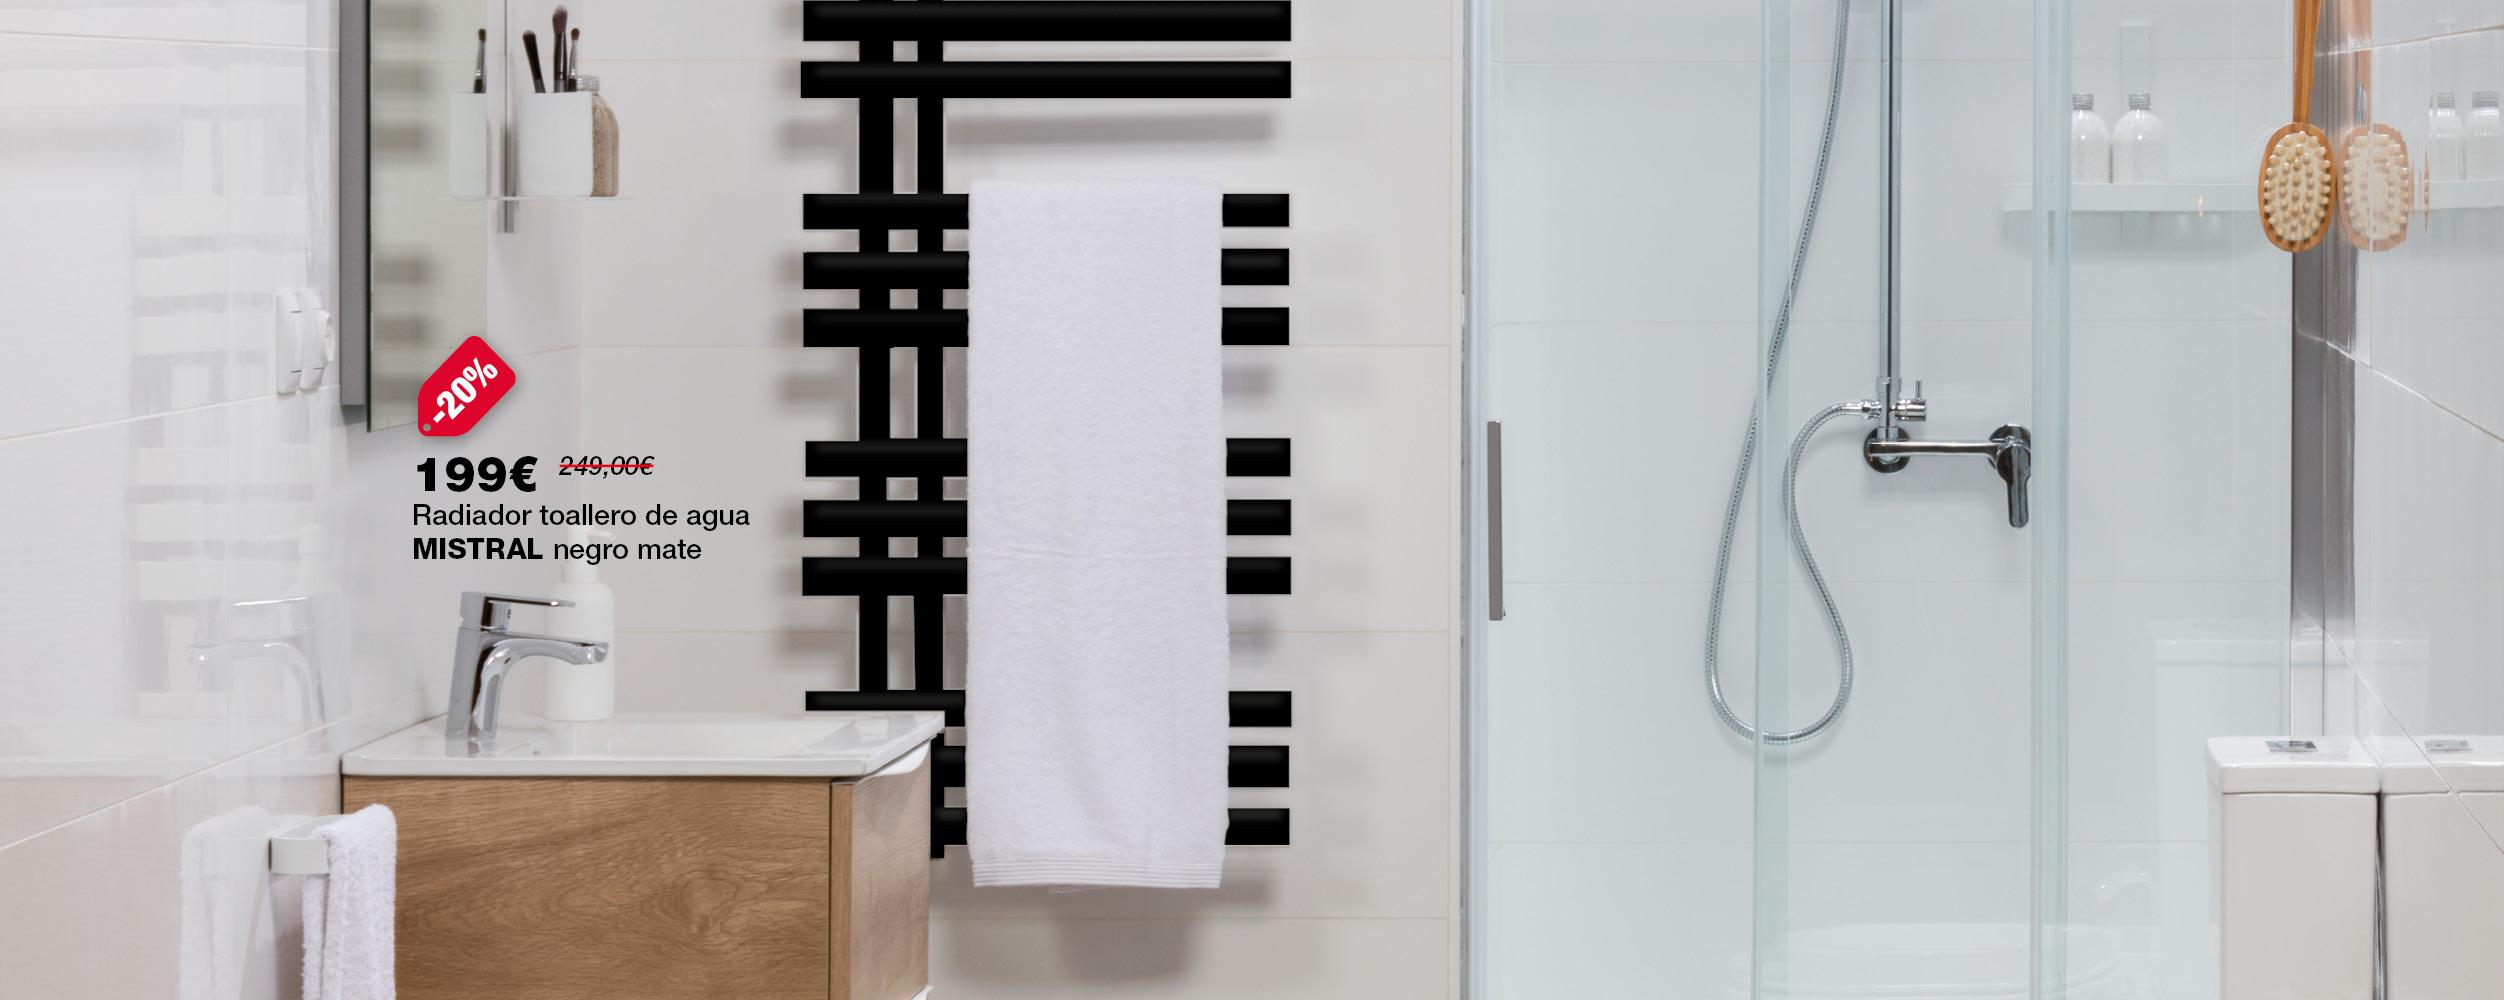 Radiador toallero MISTRAL, ahora por 199€